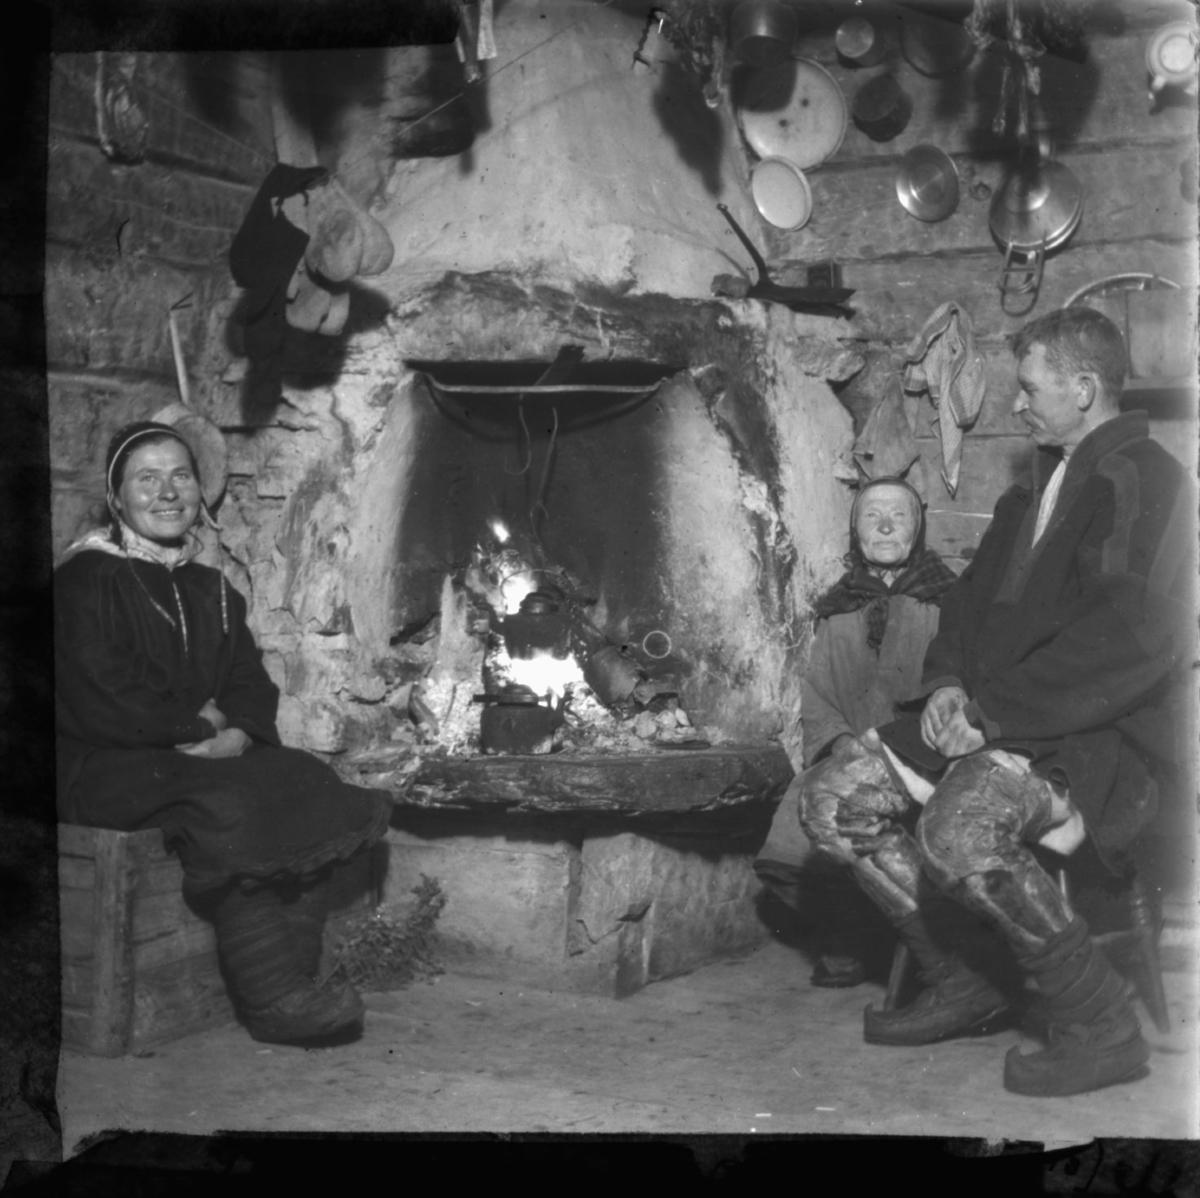 """""""Idyll ved gruen. G.15. 41"""" står det på glassplaten. Samisk famile sitter ved peis. Kaffekjellen henger over ilden. På veggene kan man se endel kjøkkenutstyr og på en snor henger det votter eller sokker til tørk. Alle har på seg samiske kofter, skaller på beina. Kvinnene har samisk lue. Mannen har også benklær sydd i skinn. Veggene er i tømmer. Peisen eller ildstedet i bakgrunnen."""